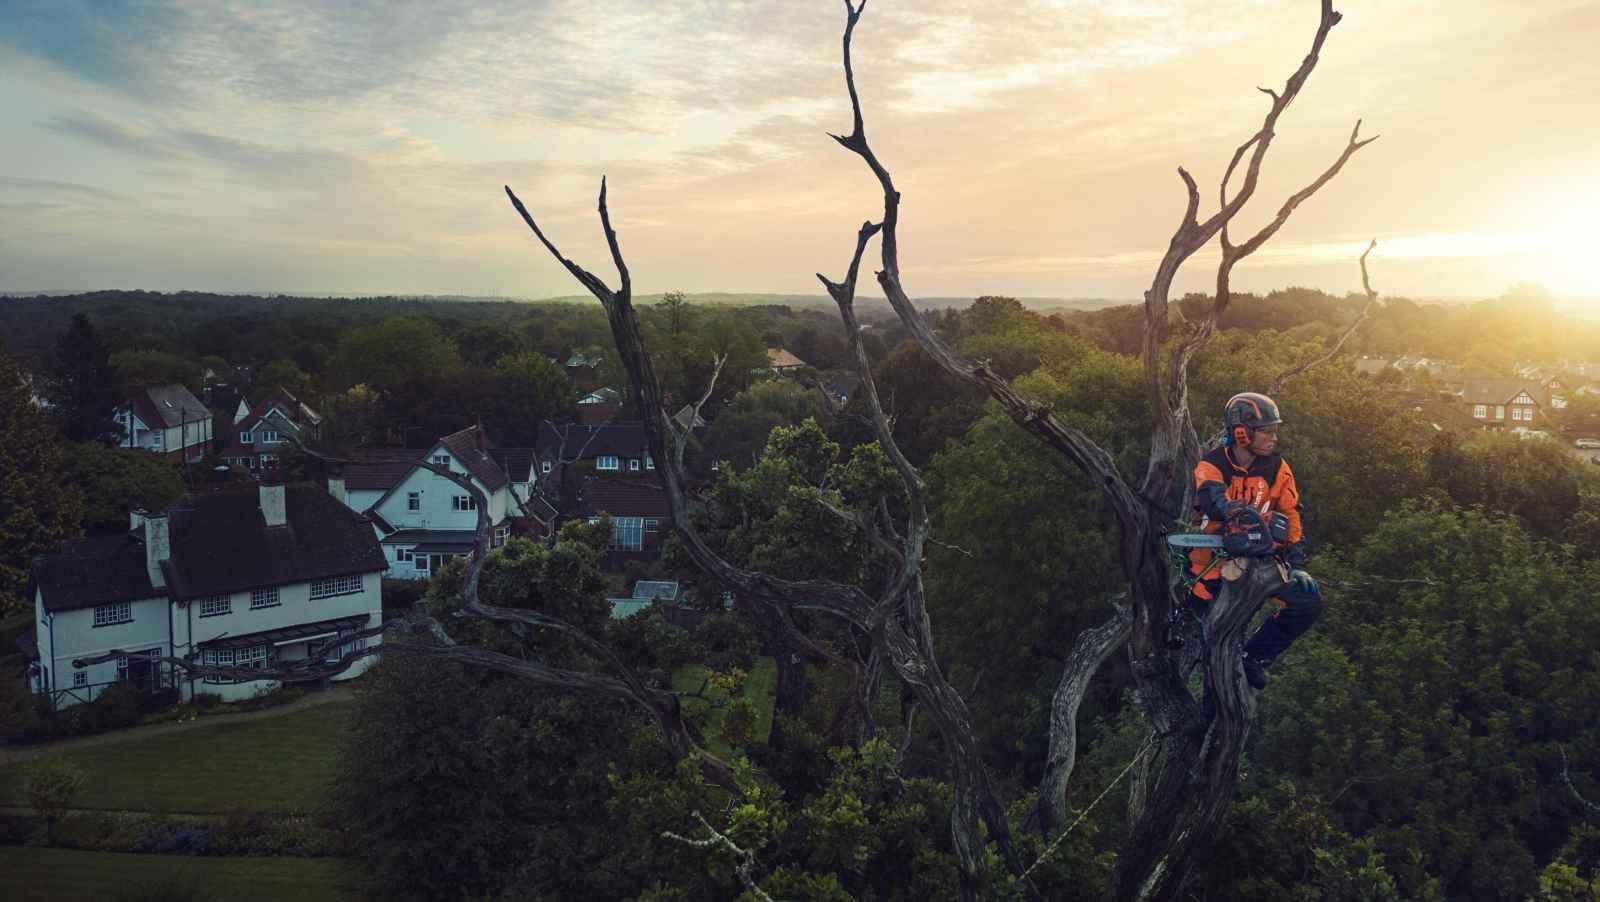 Arborist echipat cu Husqvarna se odihneste in copac